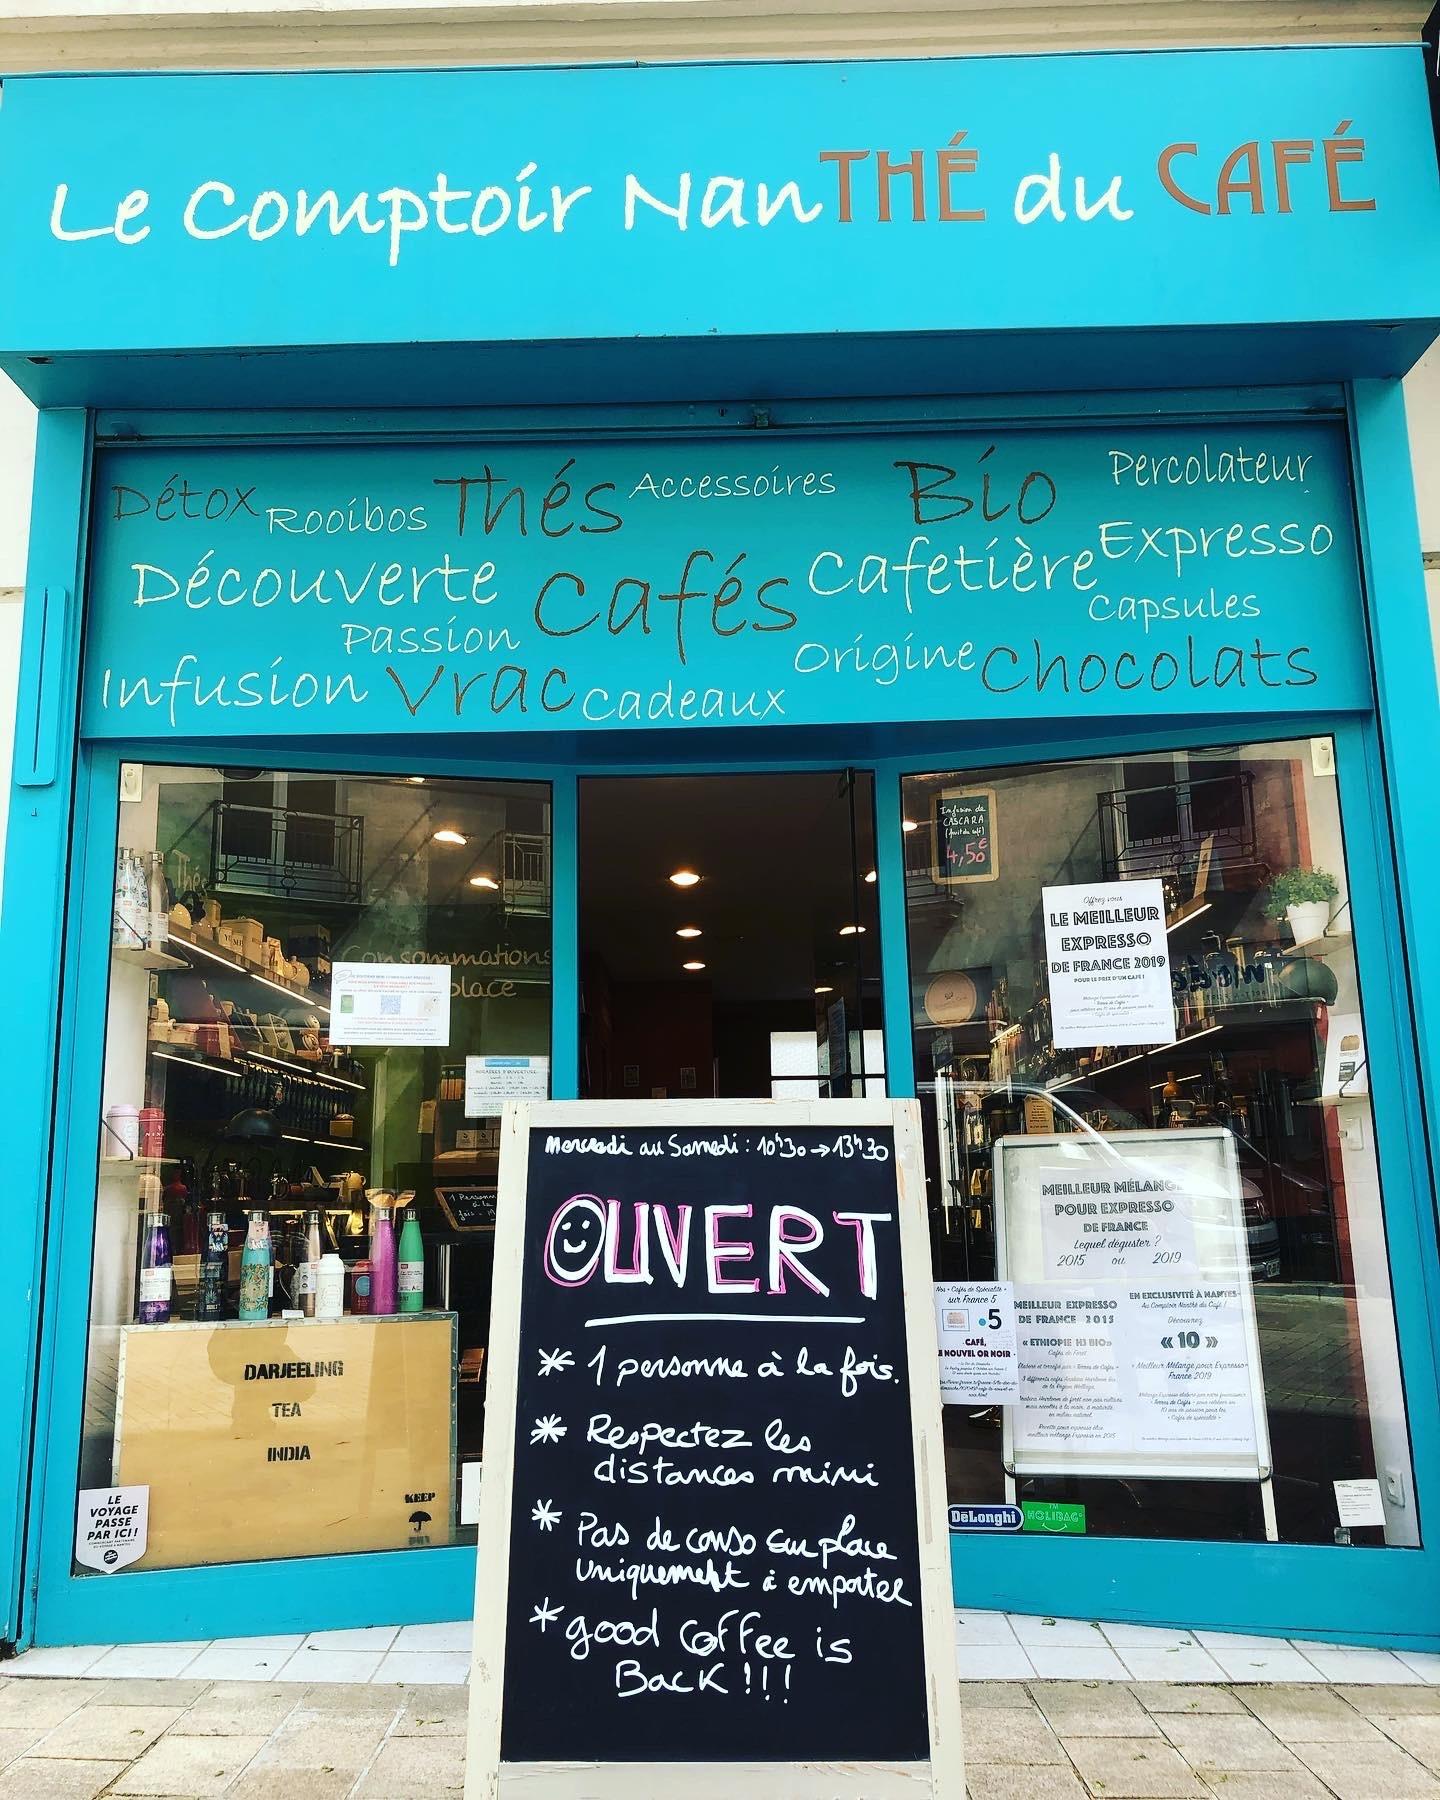 Galerie d'image - Le Comptoir Nanthé du Café